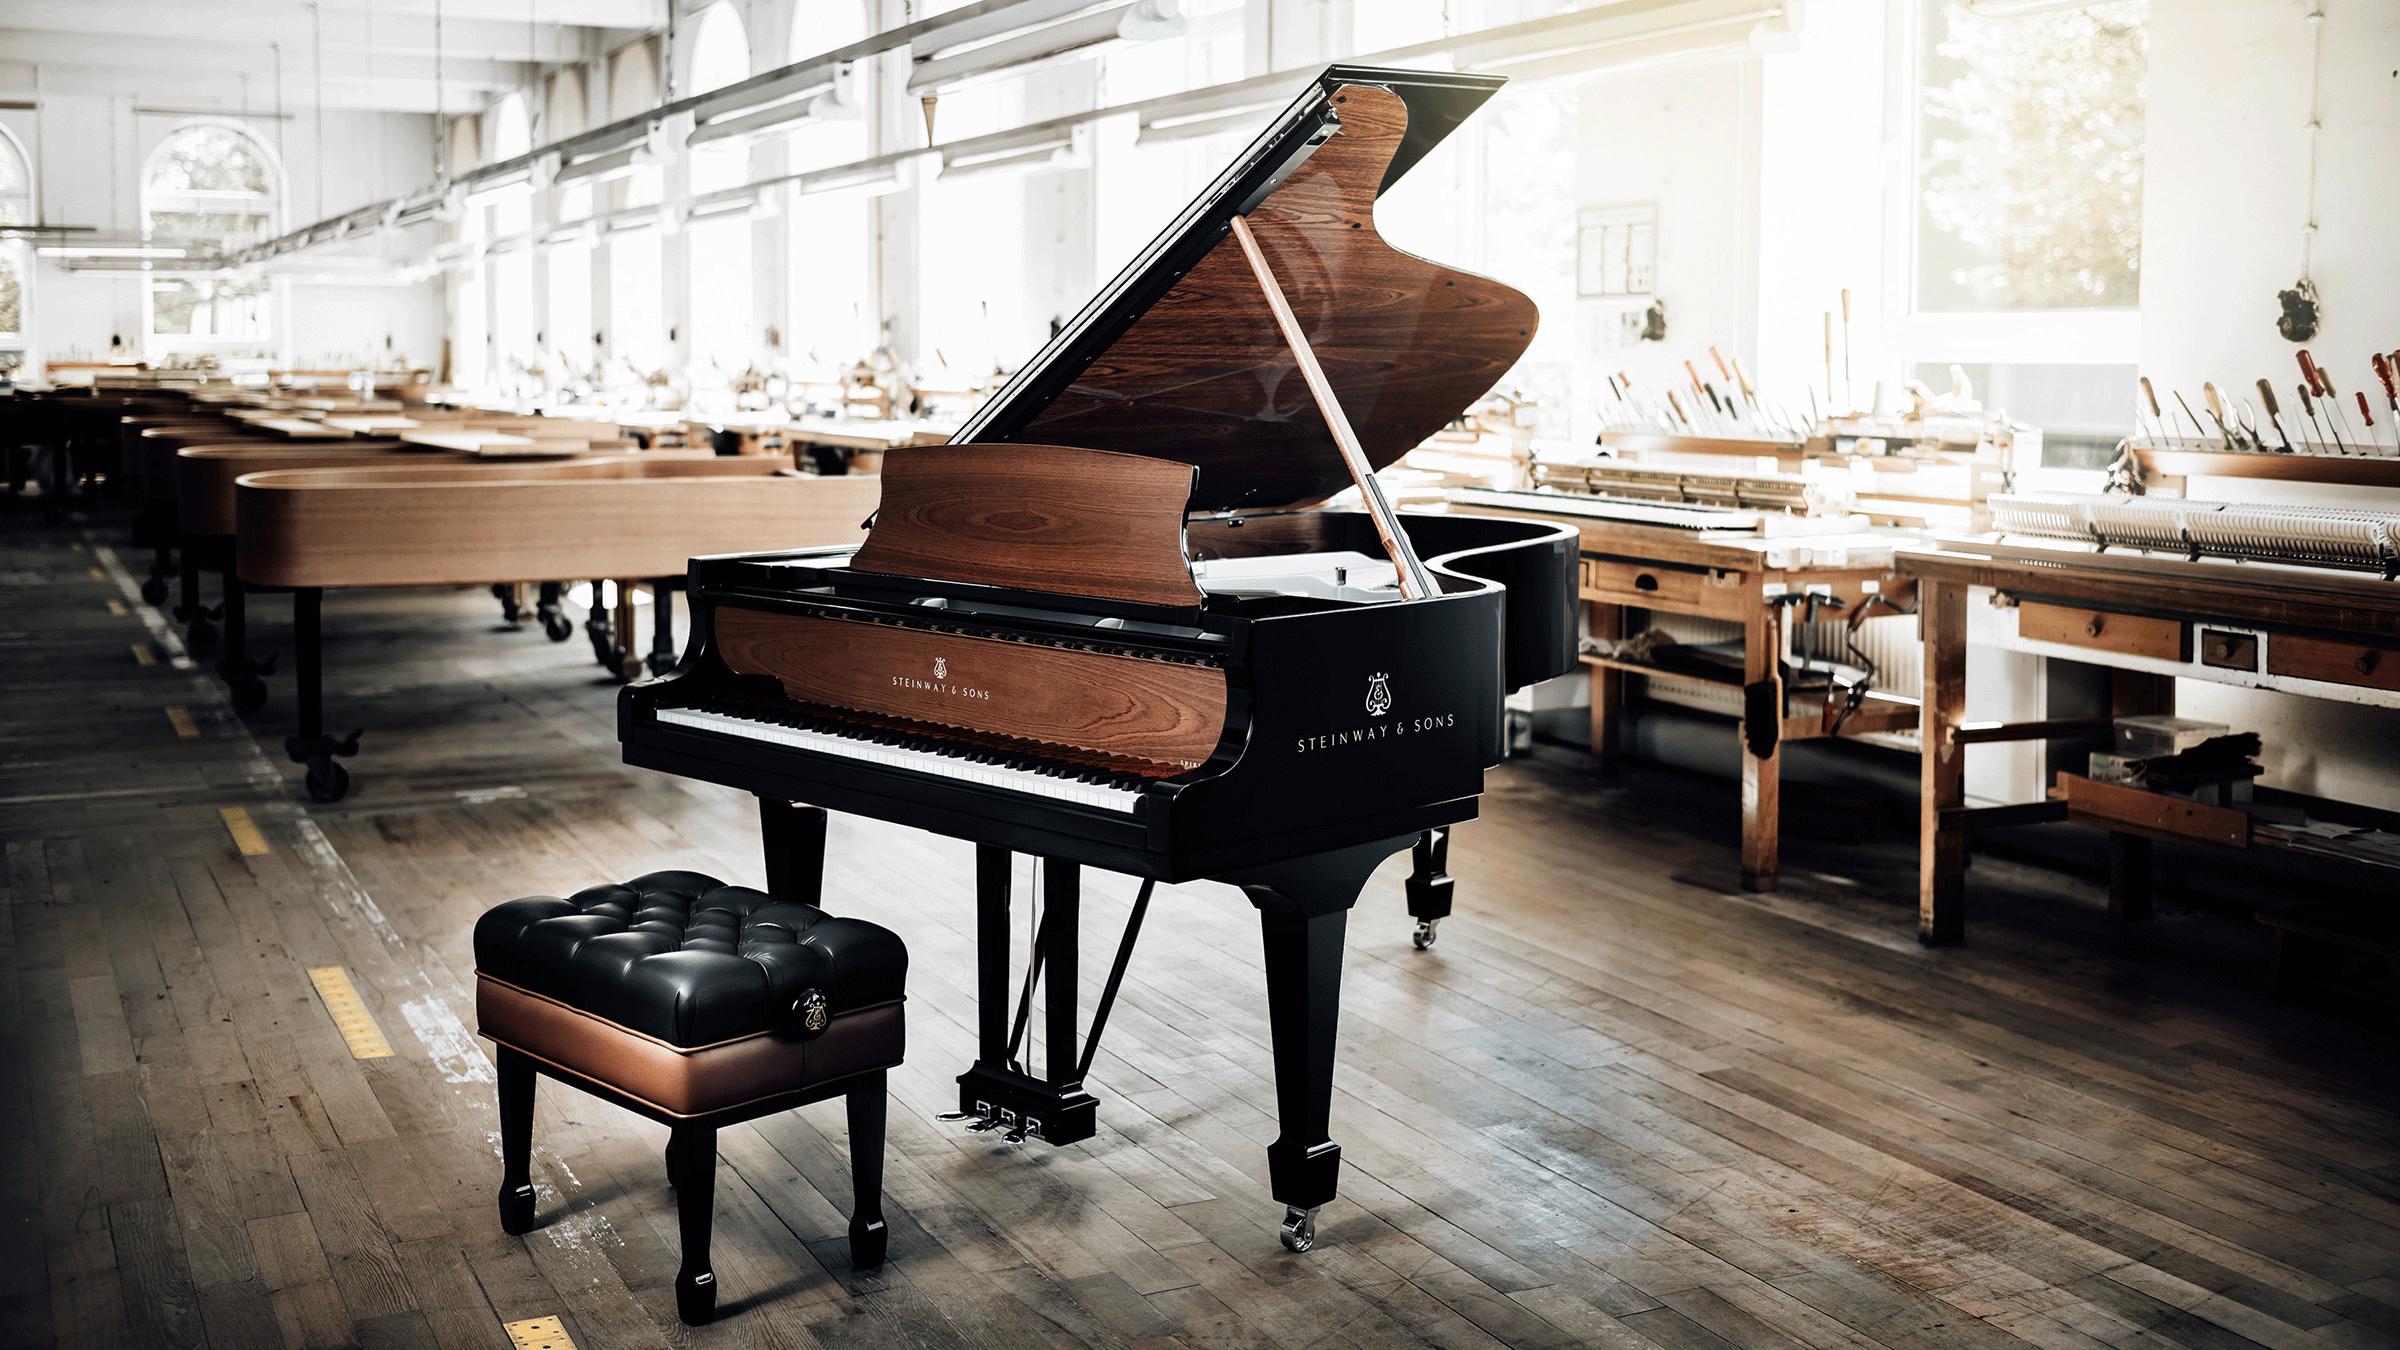 美国买钢琴的经历〔二〕